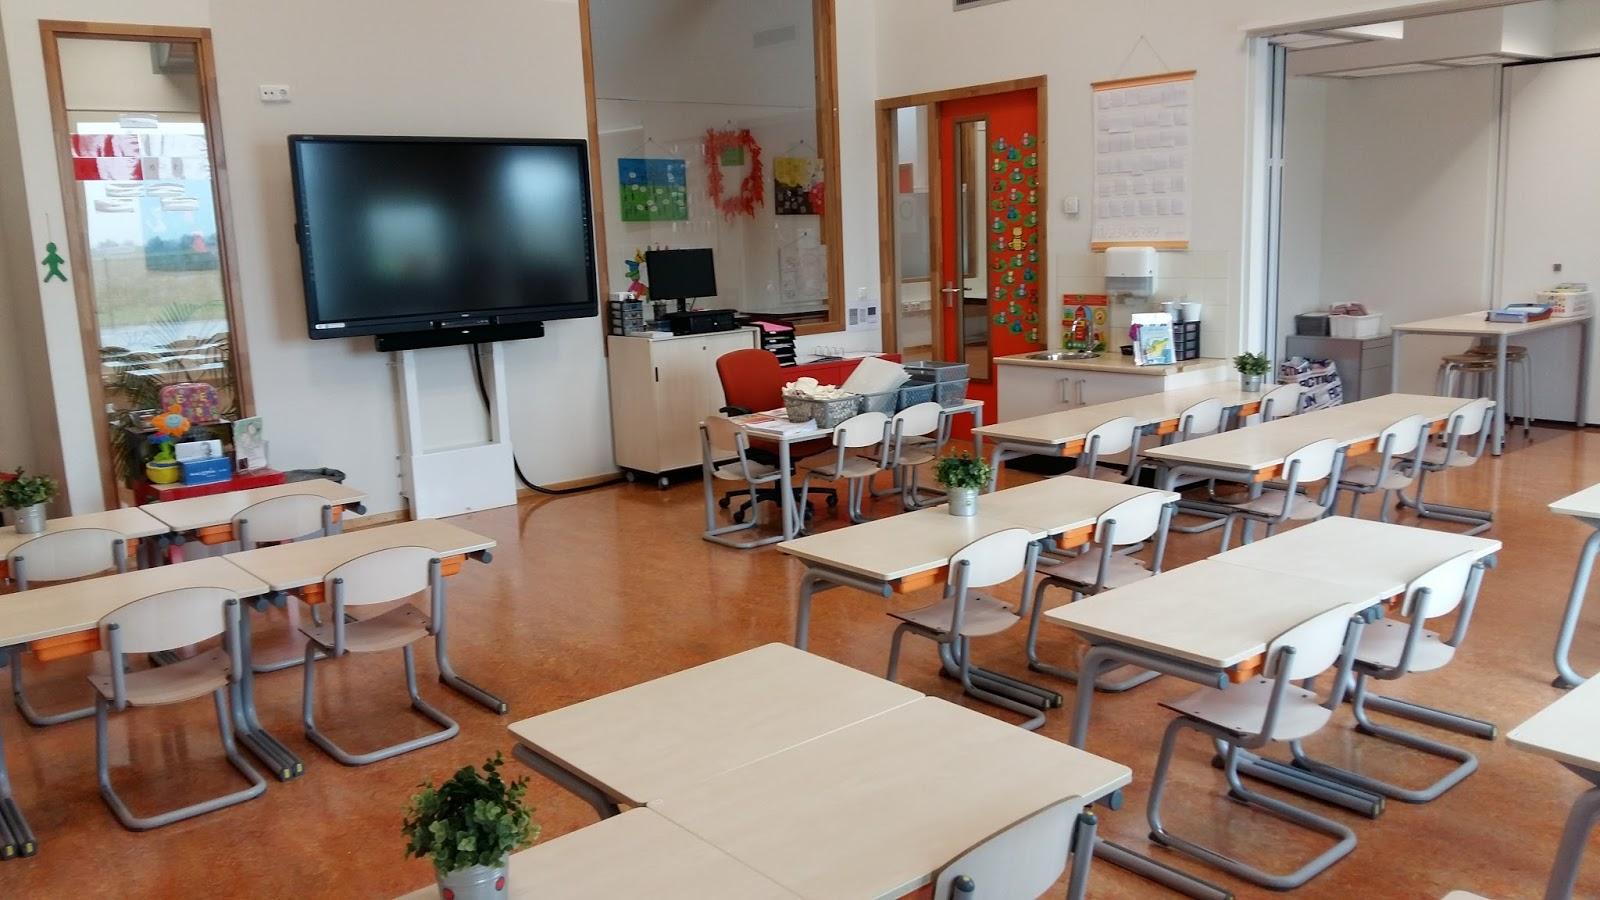 Juf margot inrichting organisatie mijn klaslokaal 2016 2017 - Inrichting van een lounge in lengte ...